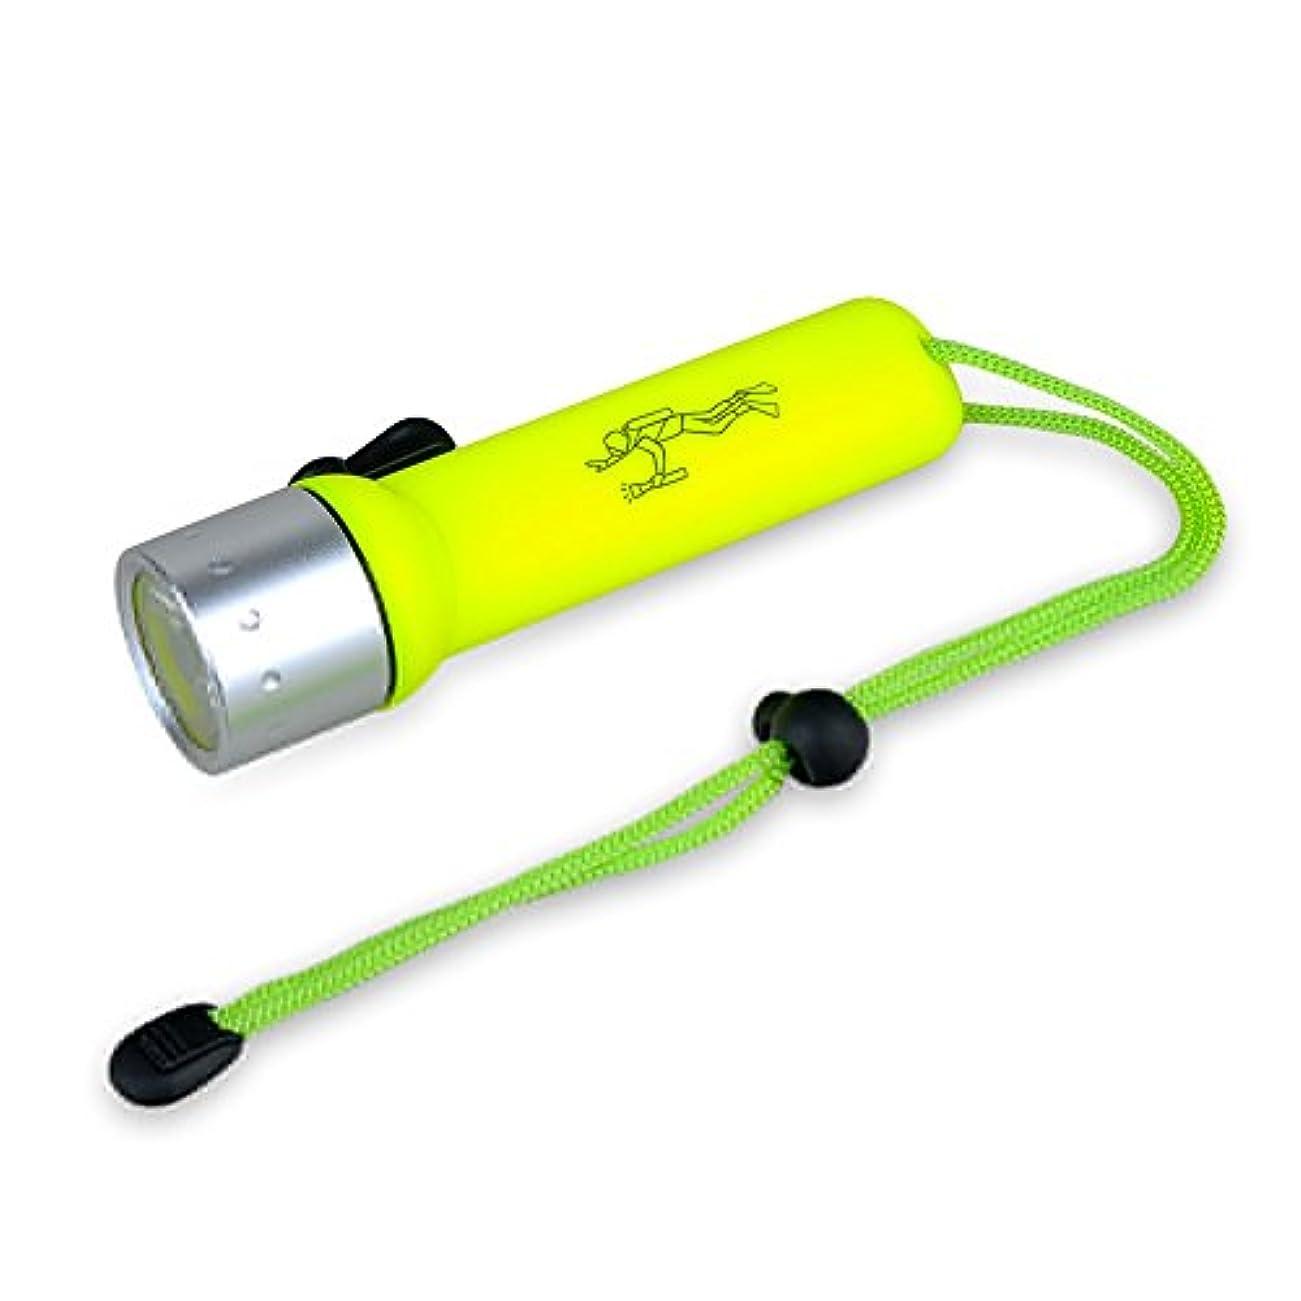 星オッズ牛GEEDIAR LED水中ライト ダイビングライト 防災懐中電灯 緊急照明 明るさ180ルーメン